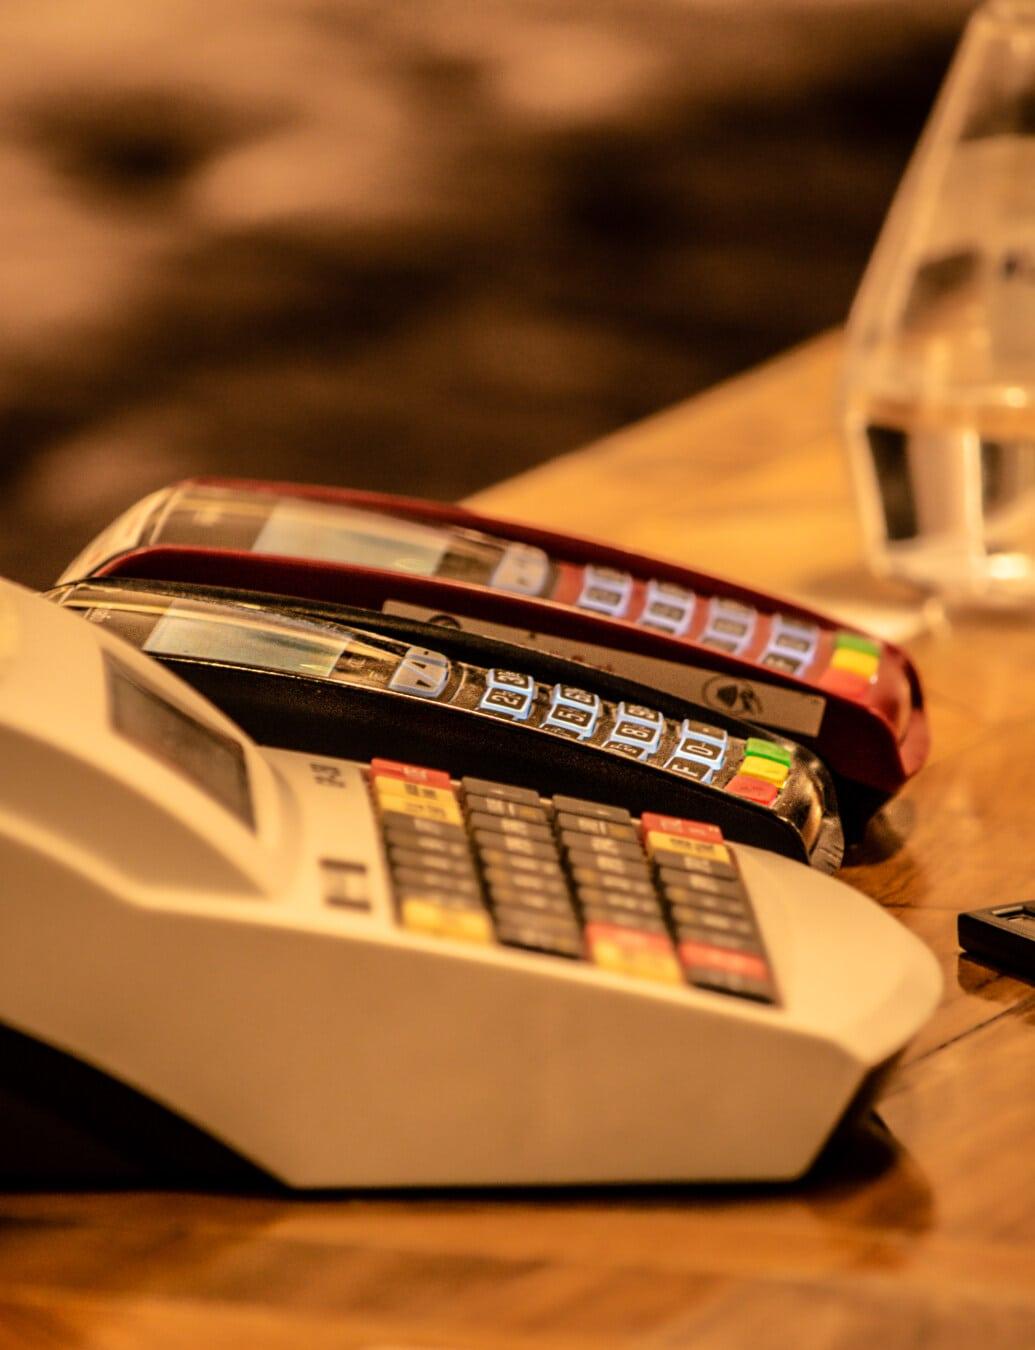 Elektronik, Einkaufen, Registrierkasse, Geschäft, Still-Leben, Technologie, Büro, verwischen, Kunststoff, Gerät